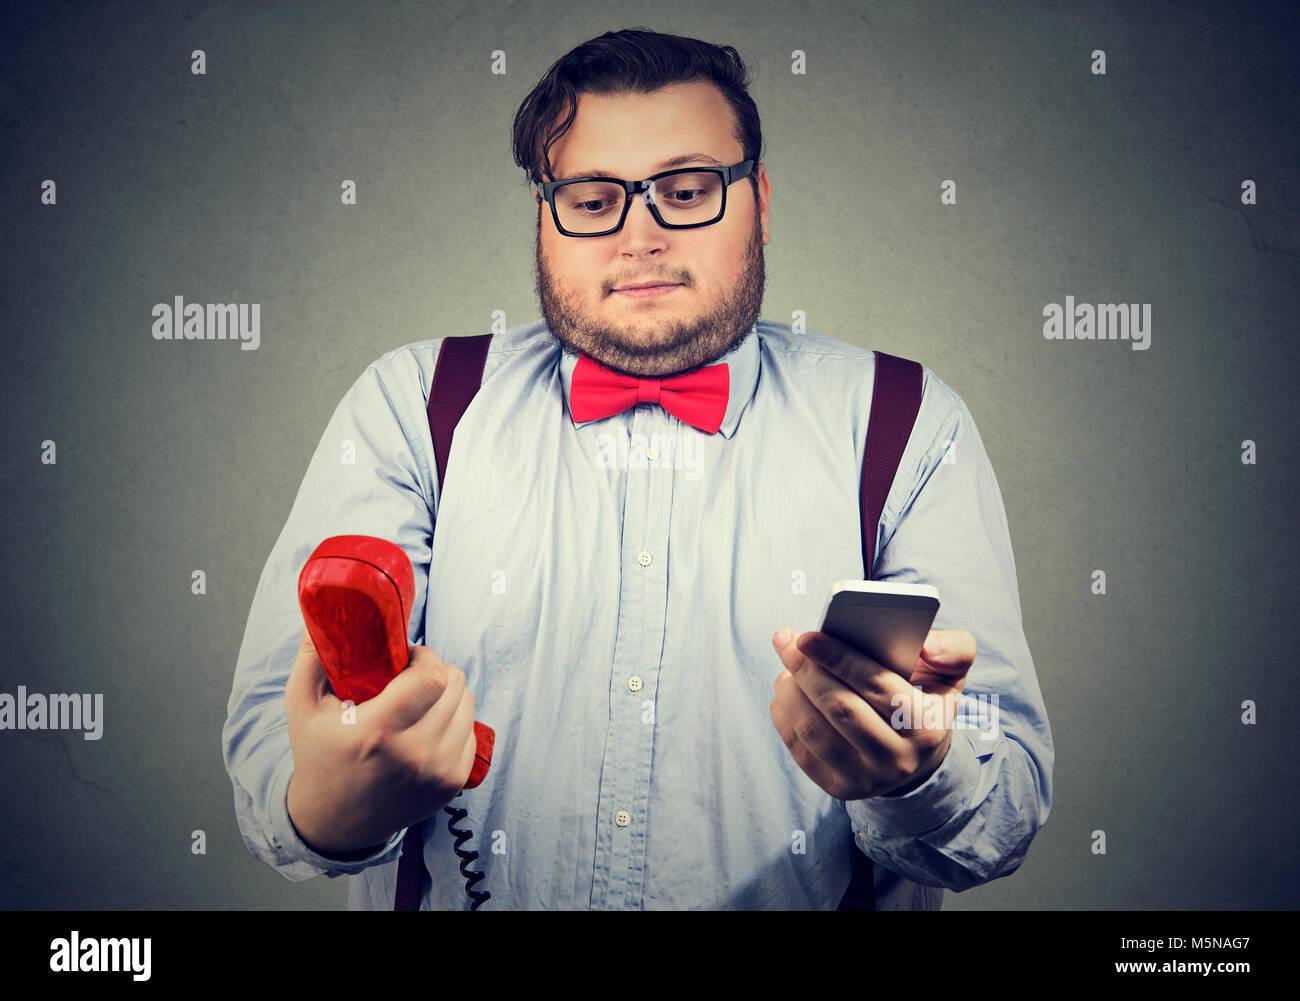 Junger Mann in formalen Outfit suchen verwundert über altmodische und zeitgenössische Gadgets. Stockbild